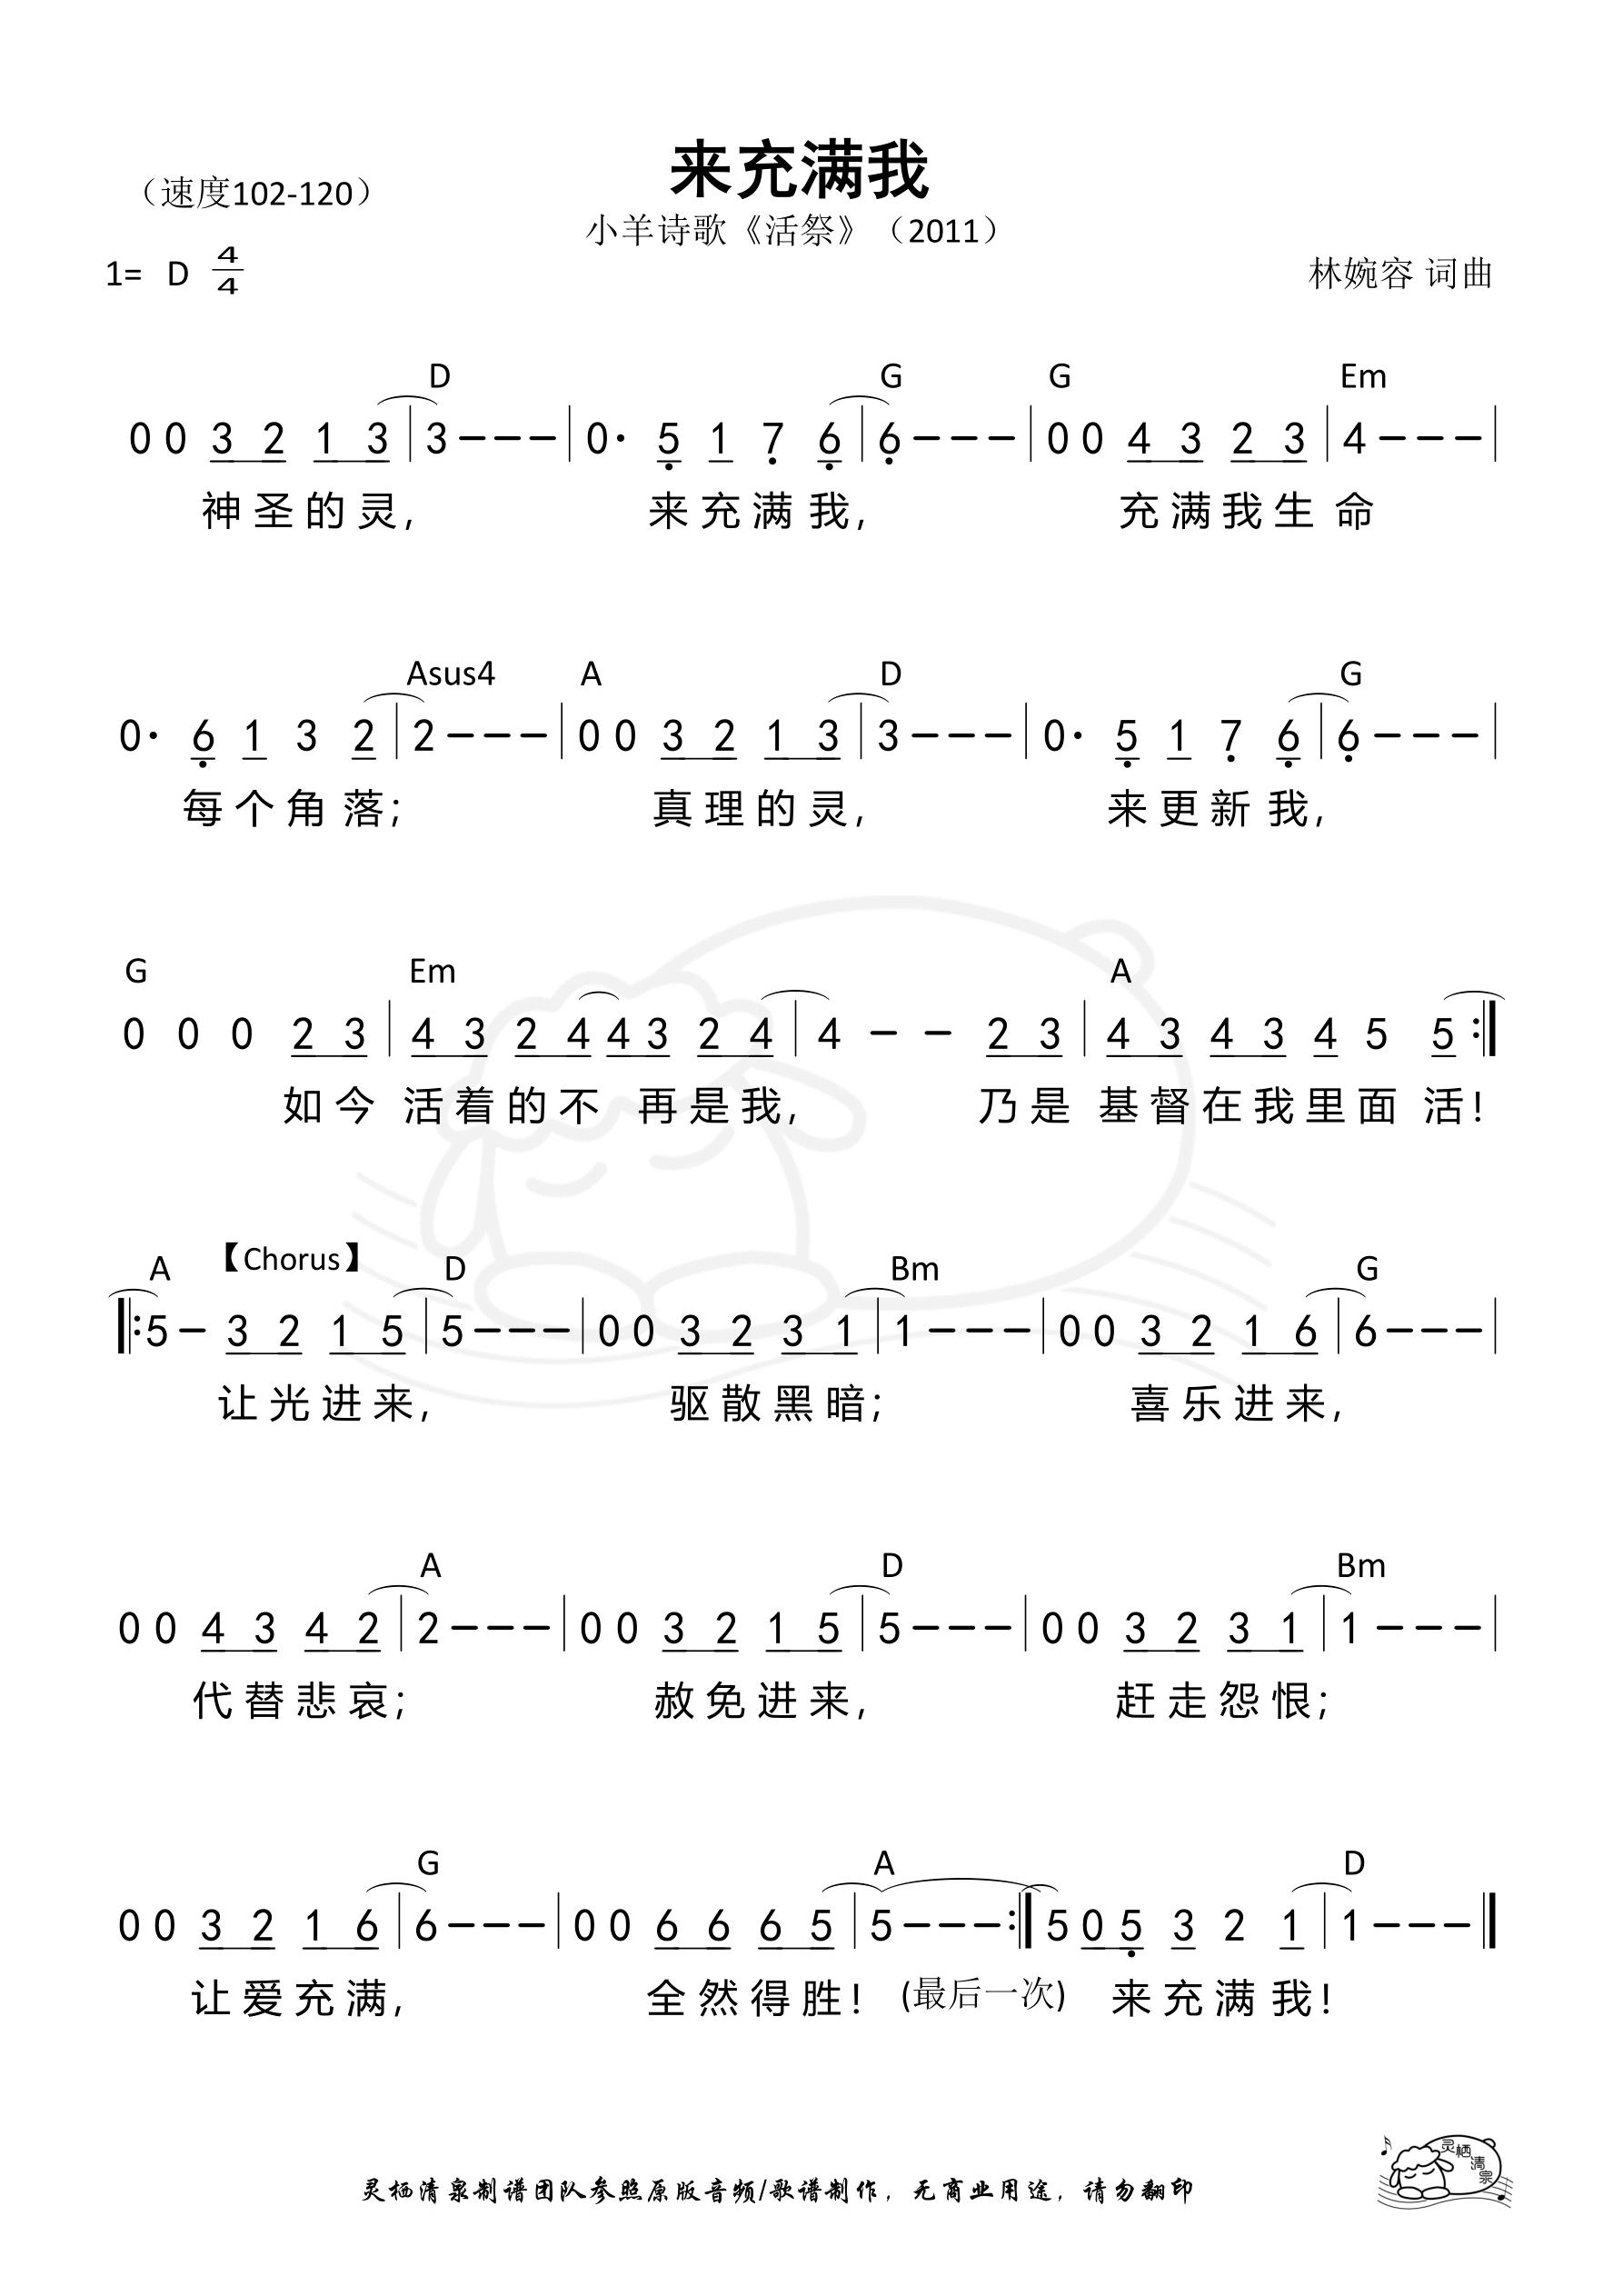 《第57首 - 来充满我 和弦简谱》